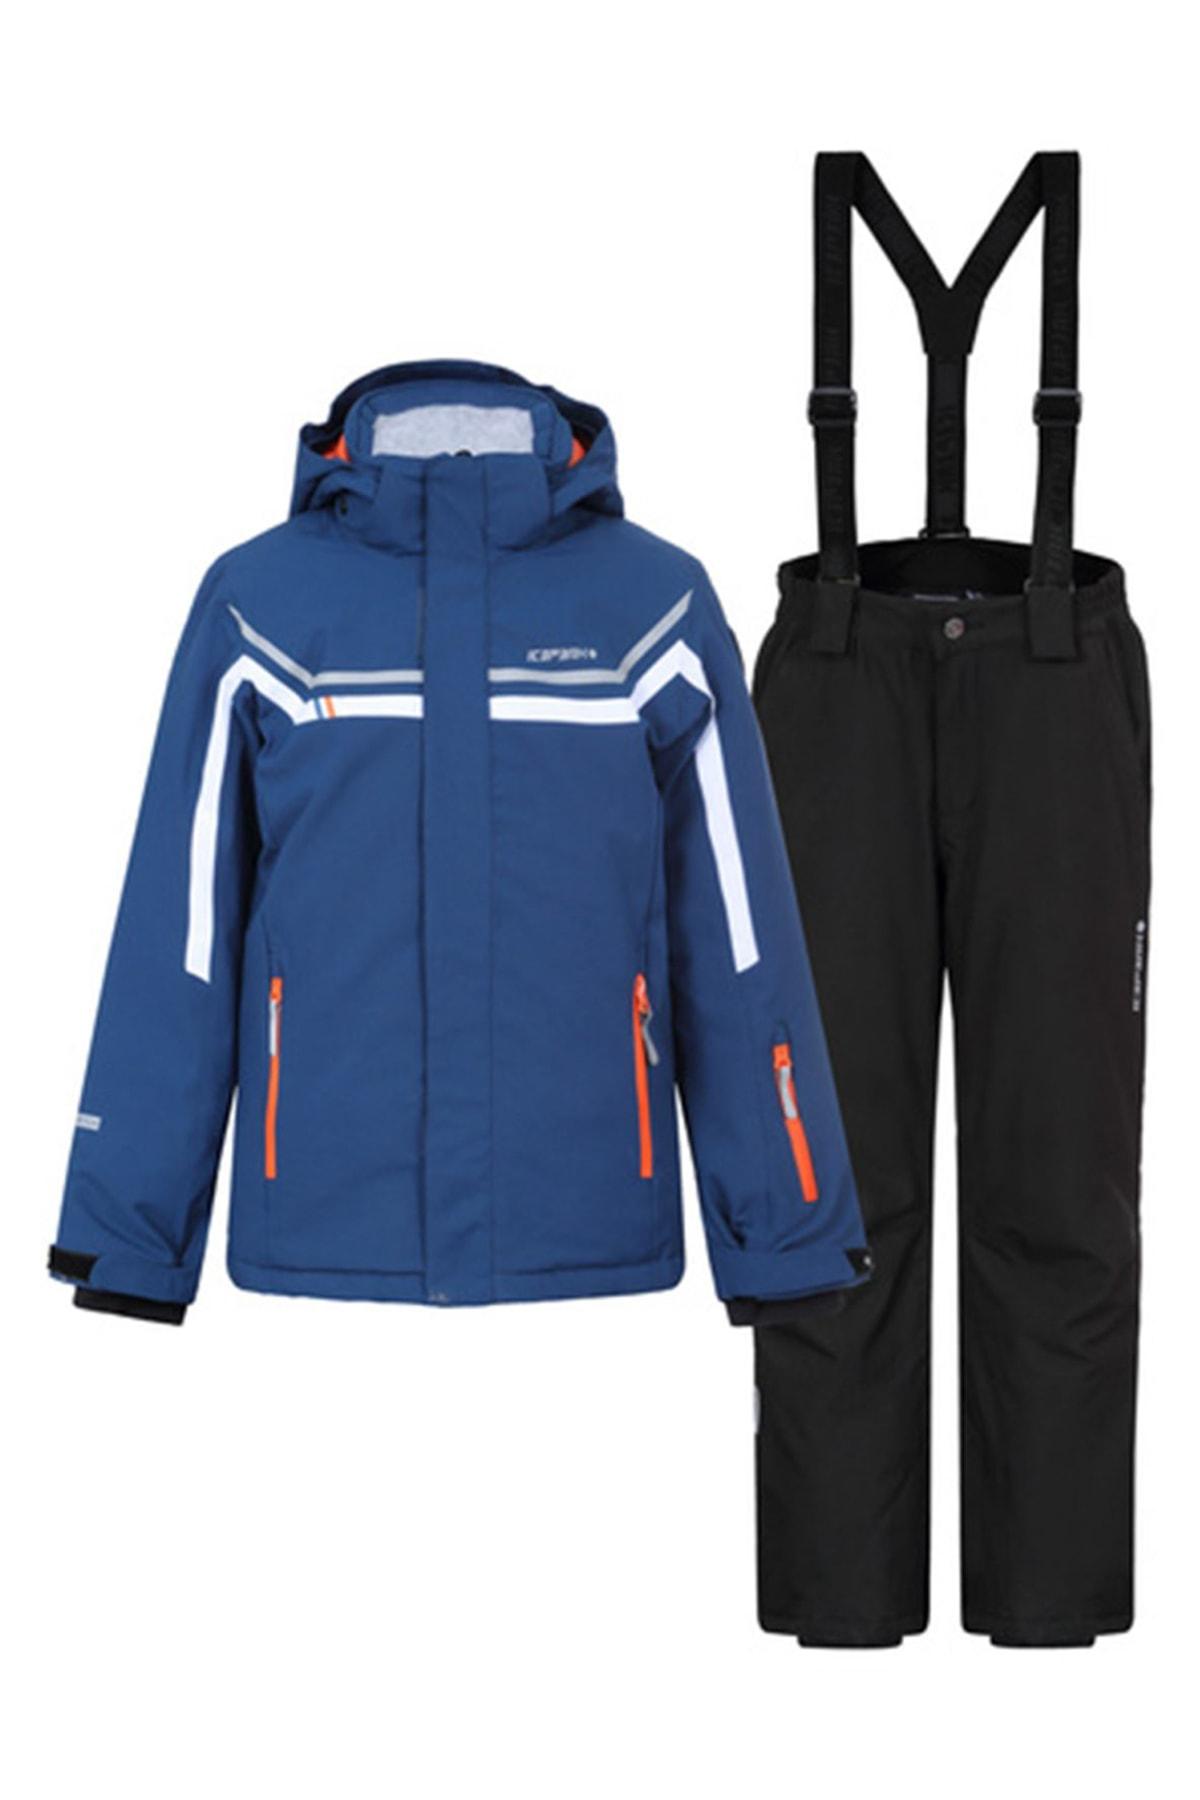 Icepeak Lacivert Çocuk Kayak Takımı 52129-839-365 Harel Jr 1